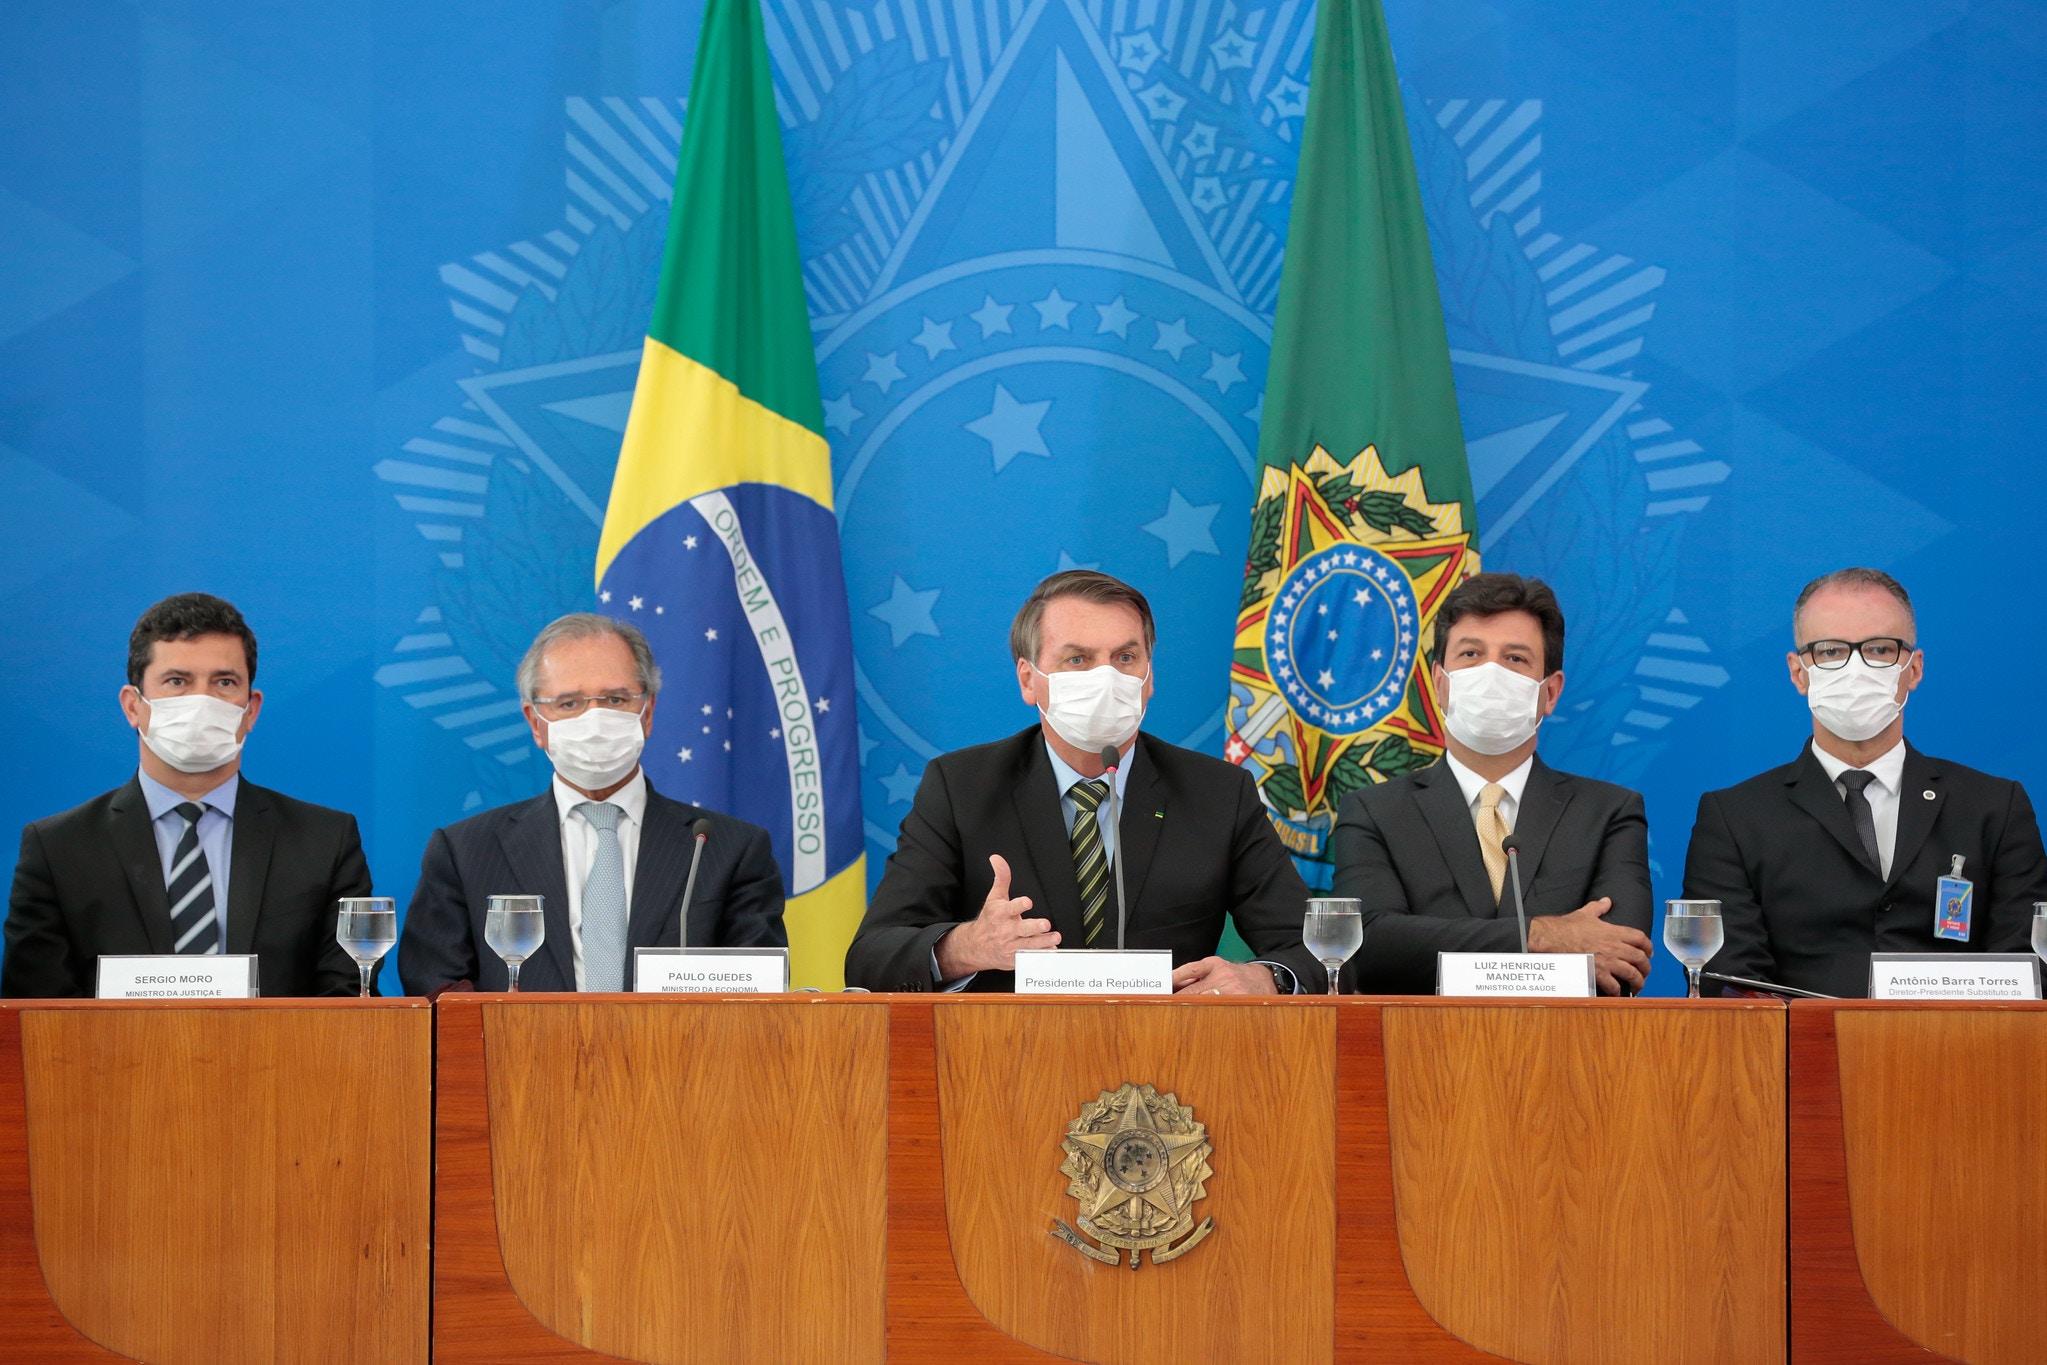 18/03/20. Jair Bolsonaro e Ministros de Estado se reúnem em coletiva de imprensa para falar sobre medidas adotadas pelo governo contra a expansão do coronavírus.